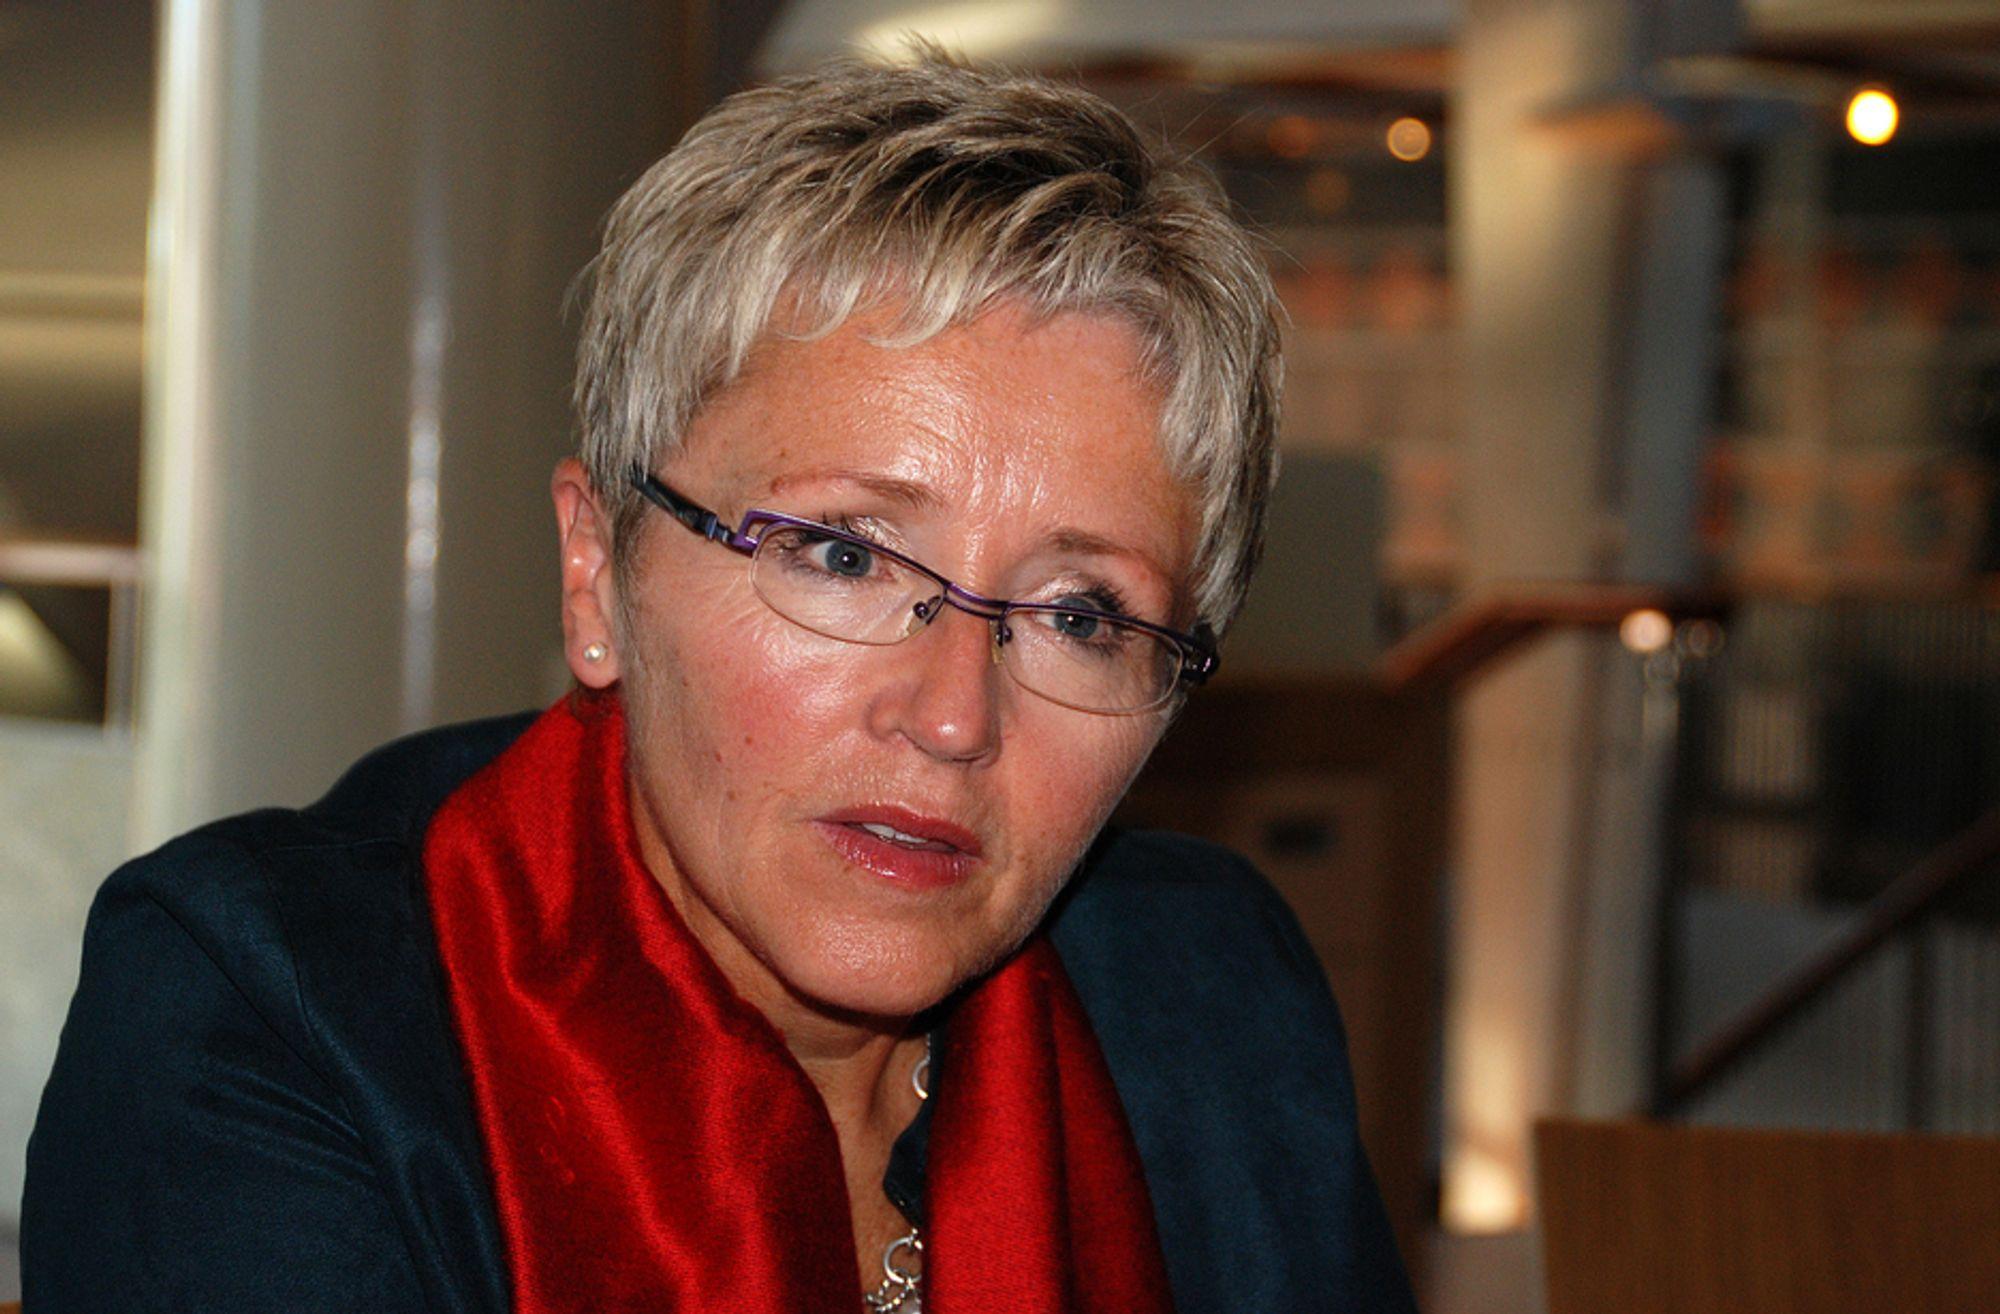 SKUFFET: - EUs kompromisskrav til bilindustrien i EU er nedslående, sier samferdselsminister Liv Signe Navarsette (Sp).